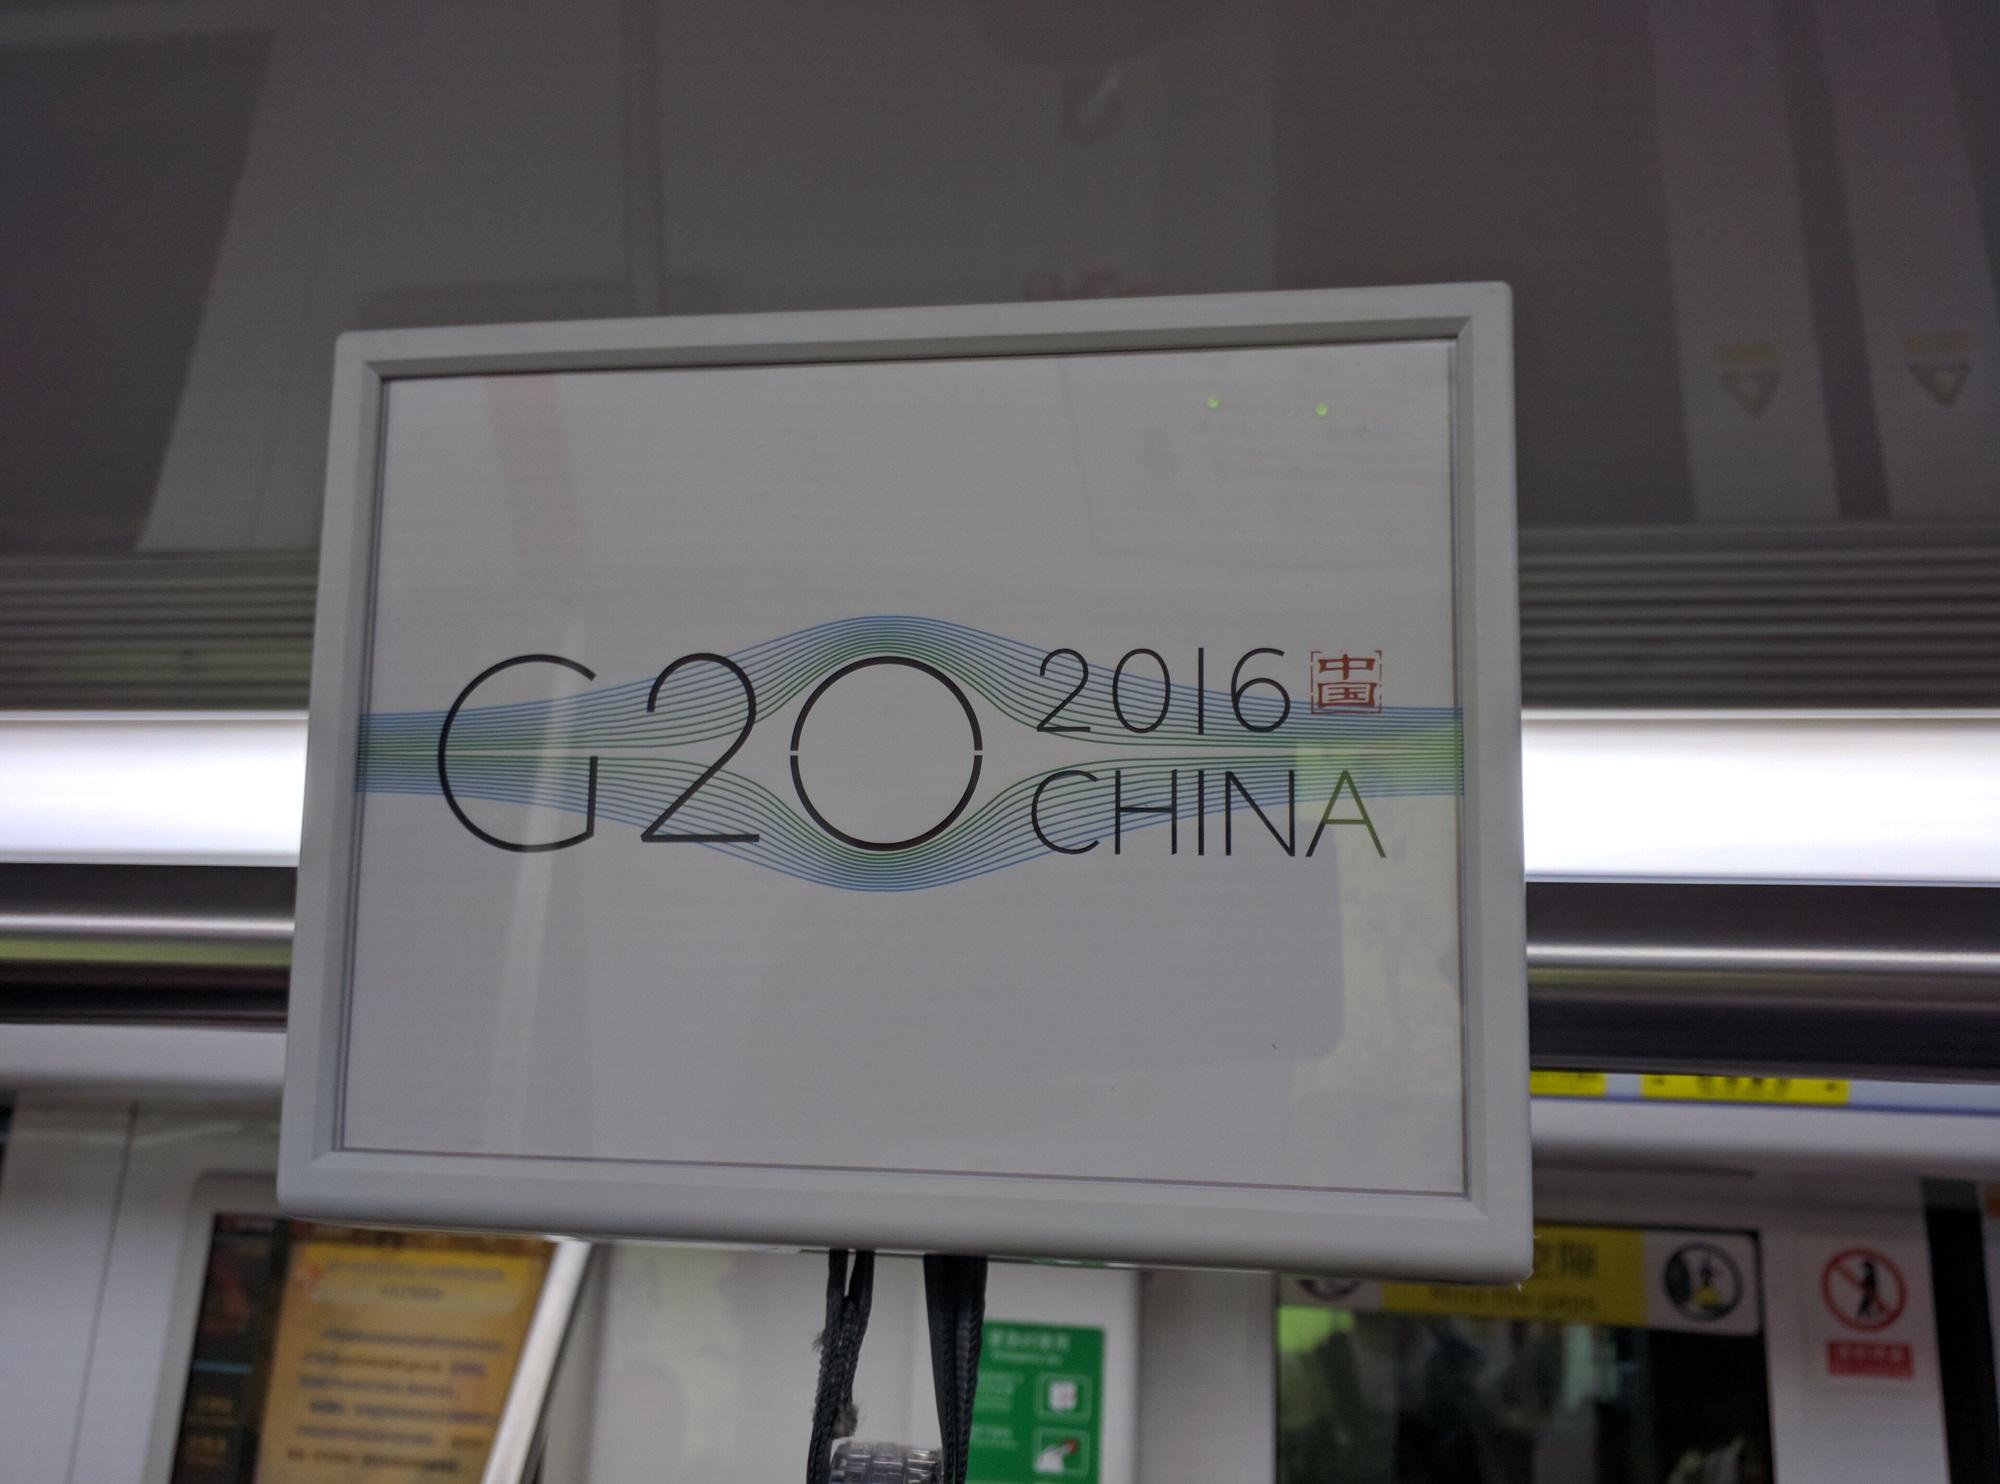 Und G20 Werbung in der U-Bahn.